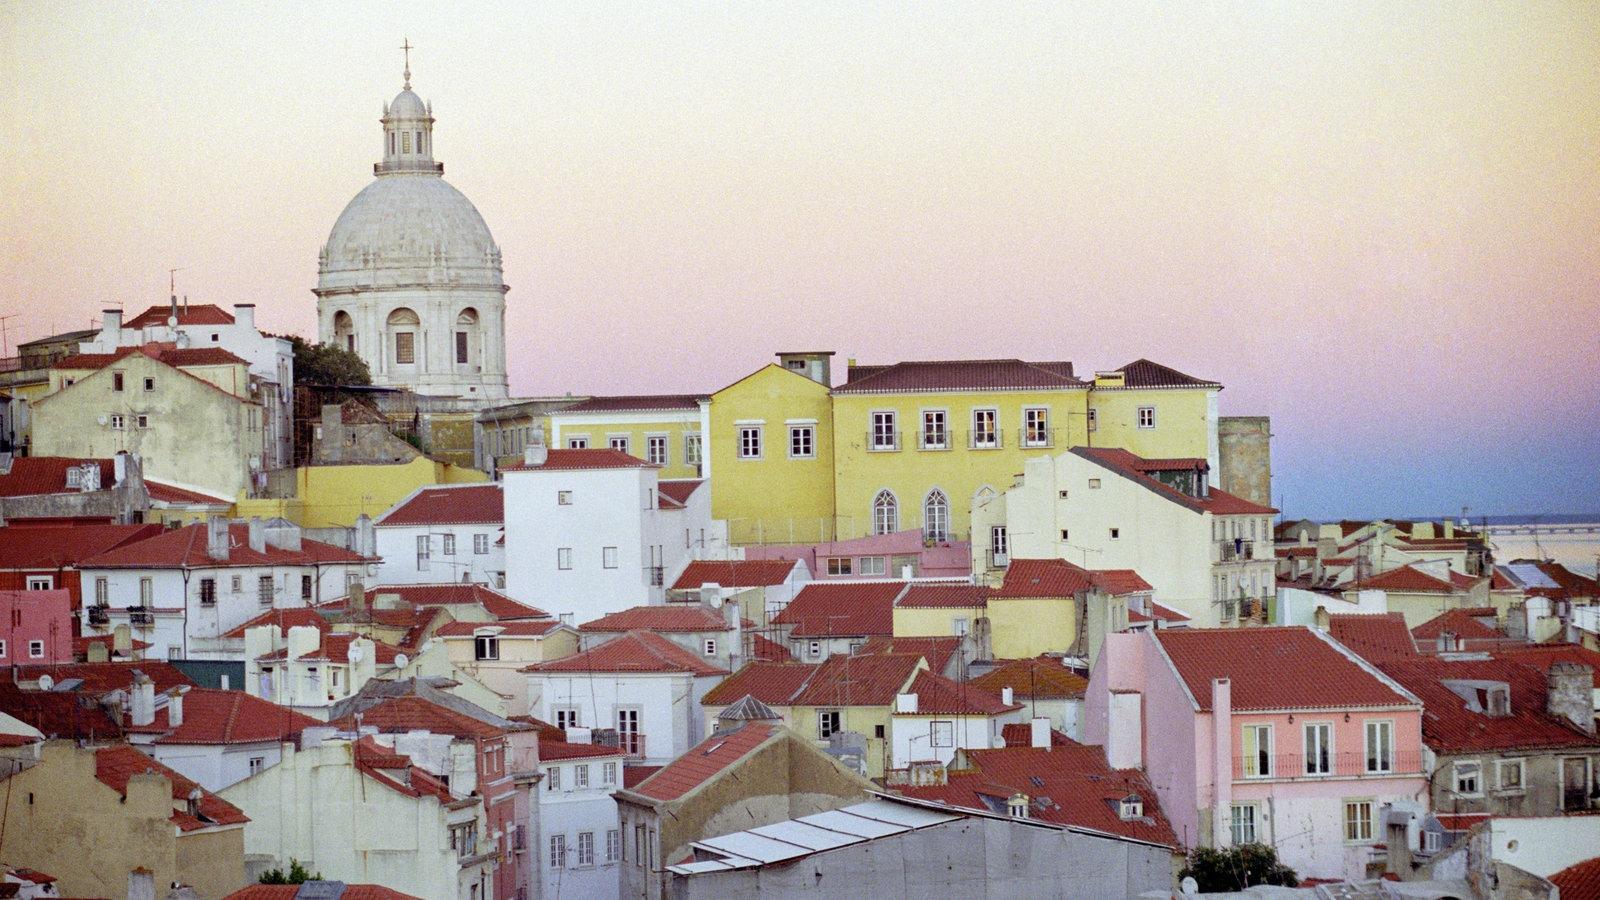 Mediathek Lissabon